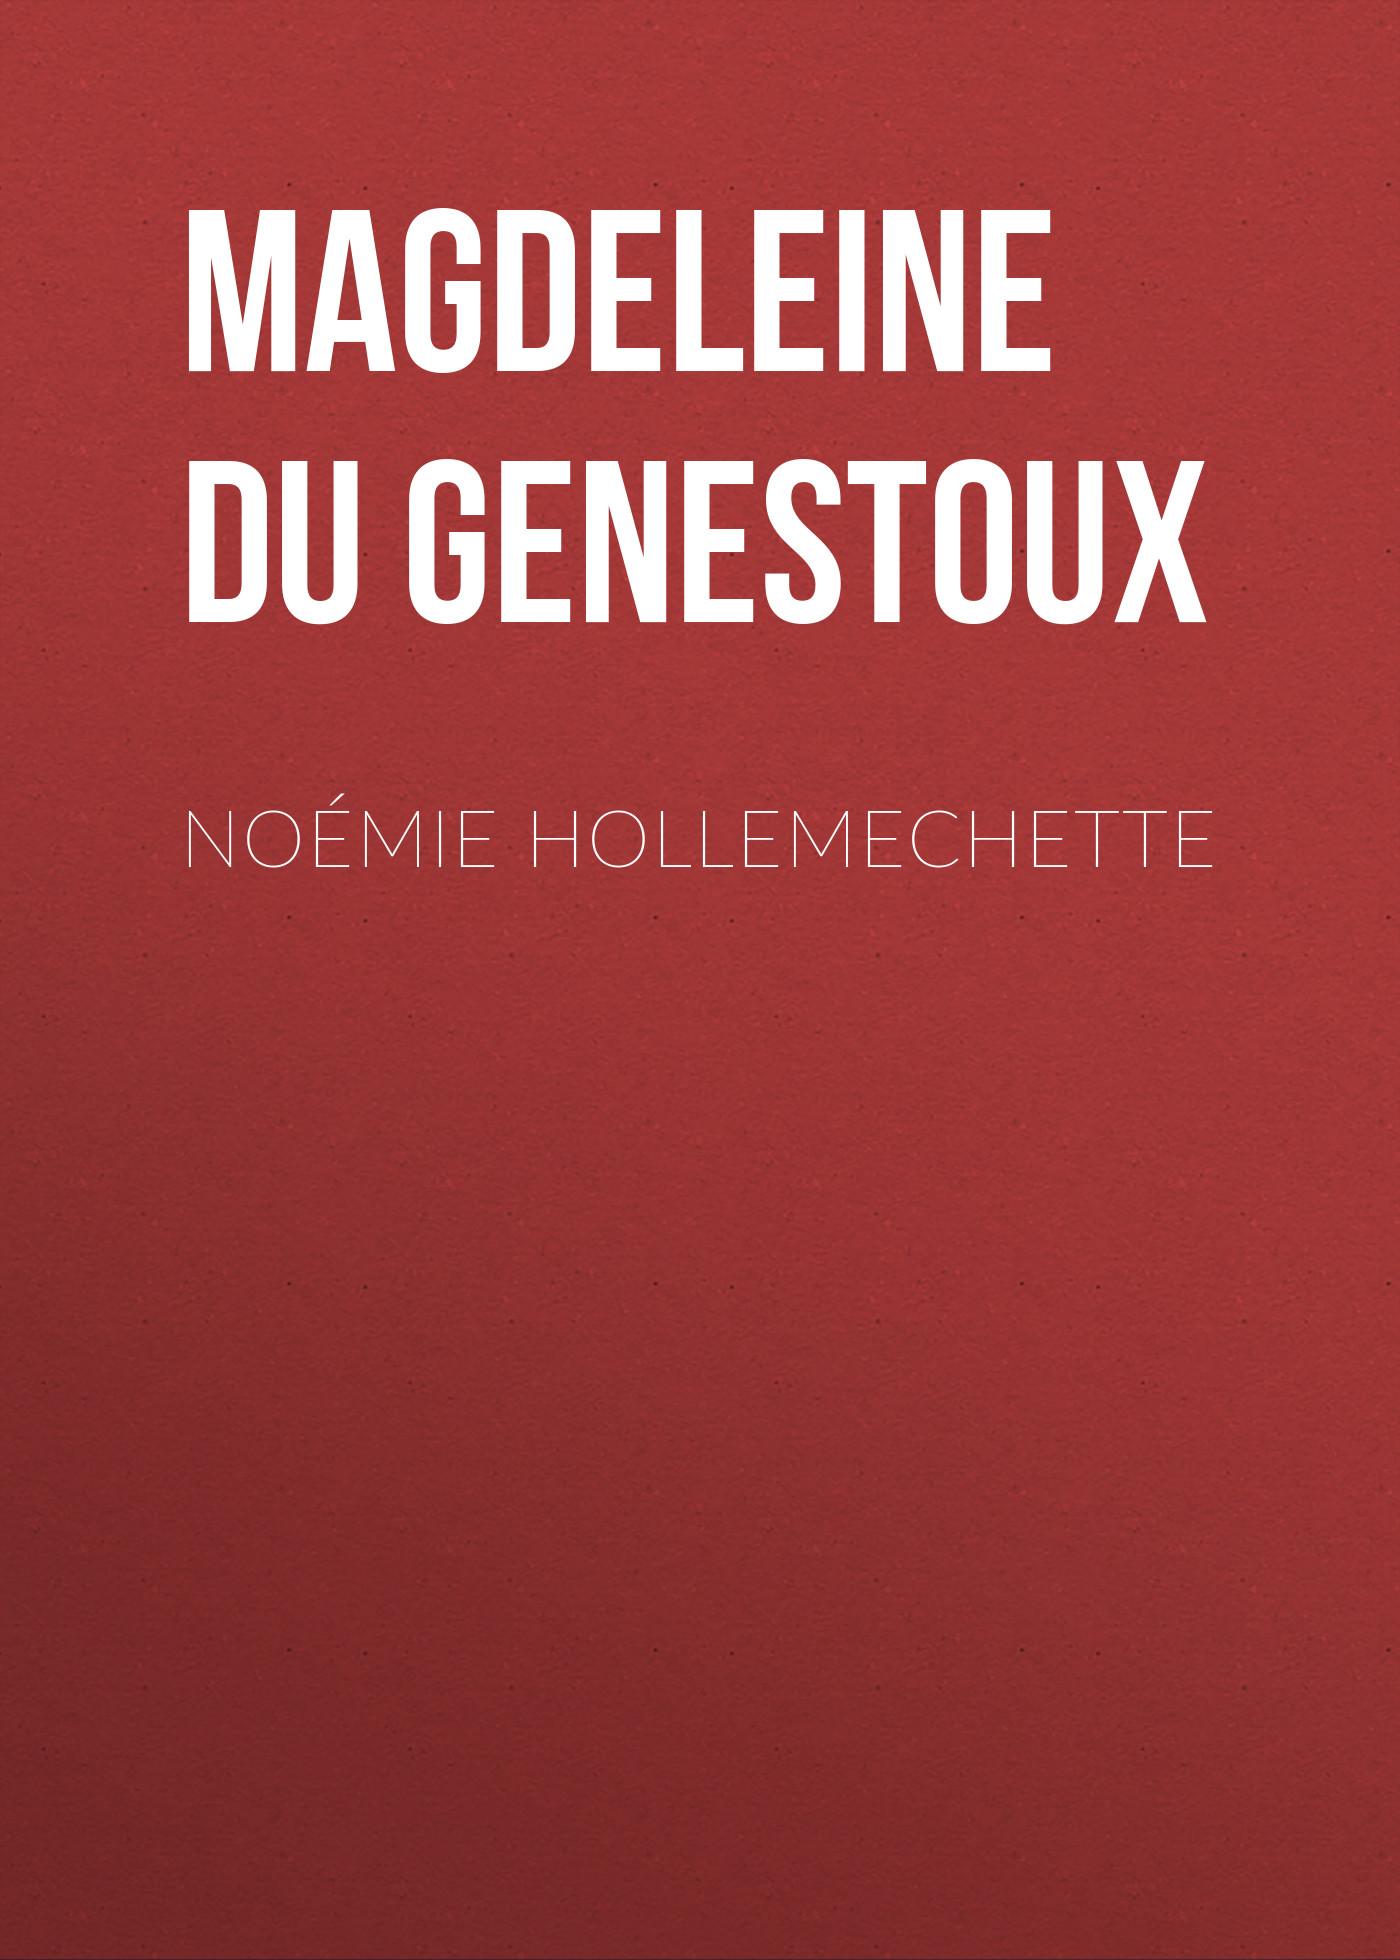 Magdeleine du Genestoux Noémie Hollemechette magdeleine du